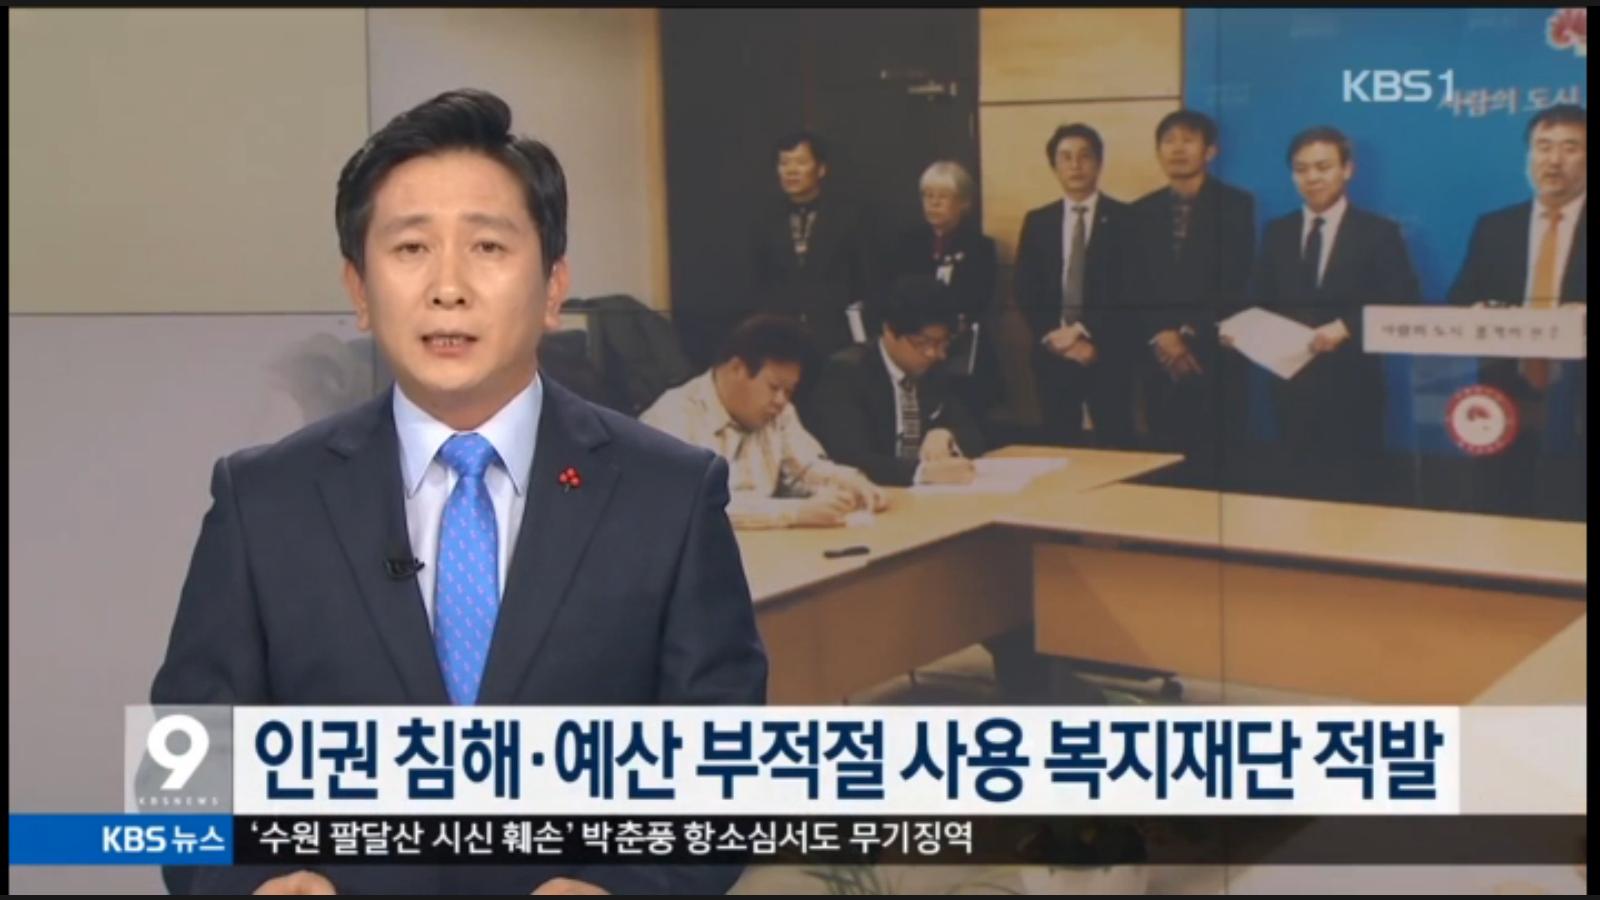 [15.12.29 KBS전주] 전주시, 마음건강복지재단 특별감사 결과 발표1.png